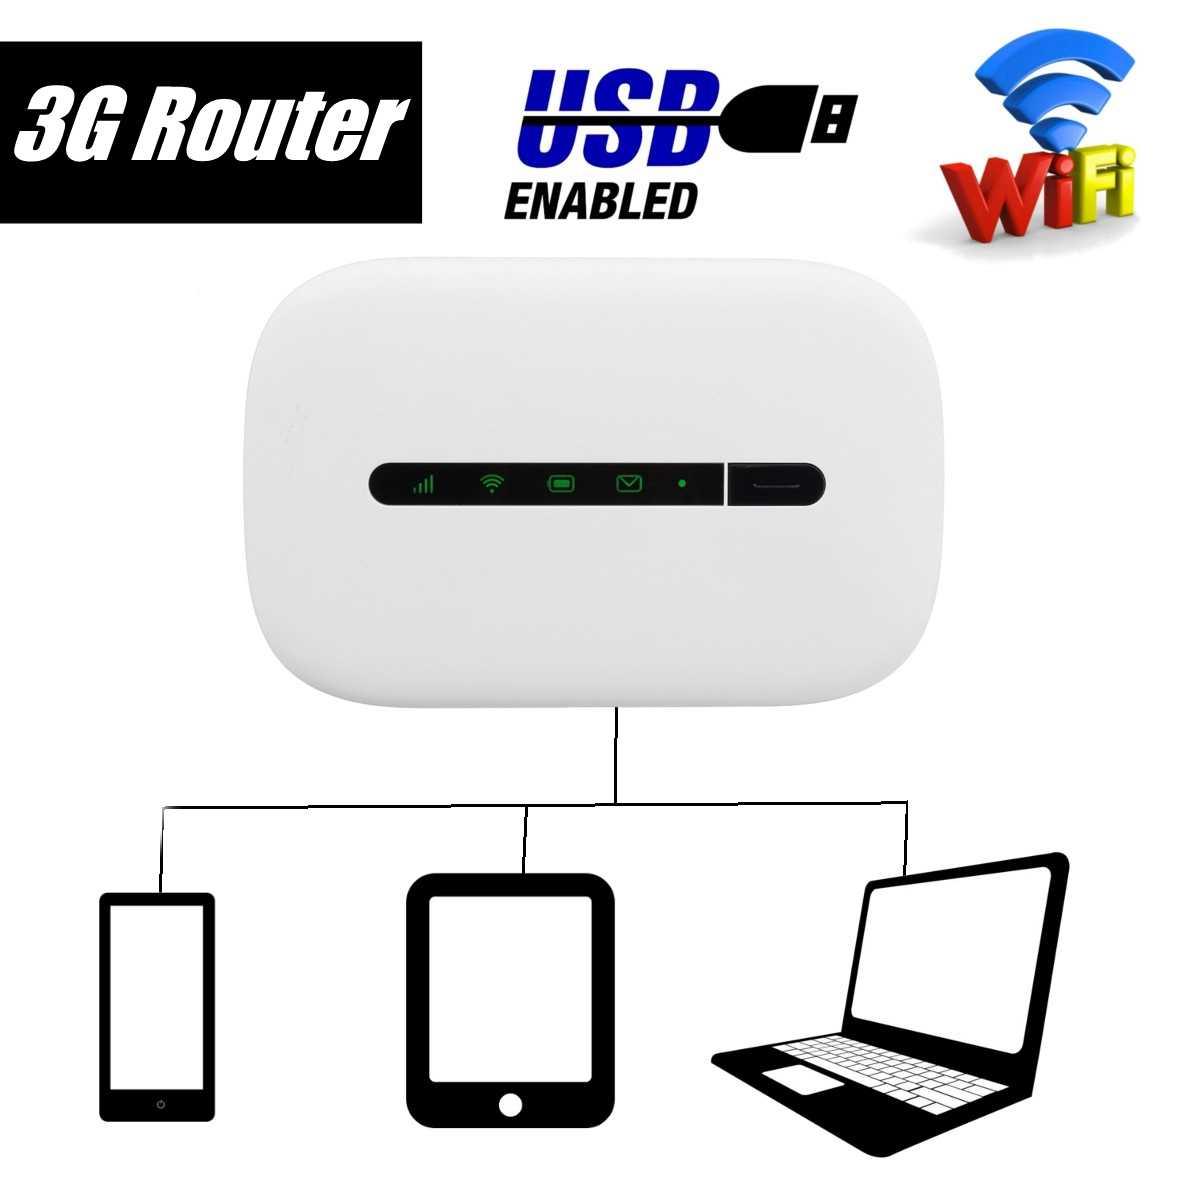 R207/E5330 الجيل الثالث 3G 150Mbps موزع إنترنت واي فاي سيارة موبايل واي فاي هوت سبوت لاسلكي واسع النطاق Mifi U nlock مودم مع فتحة للبطاقات Sim